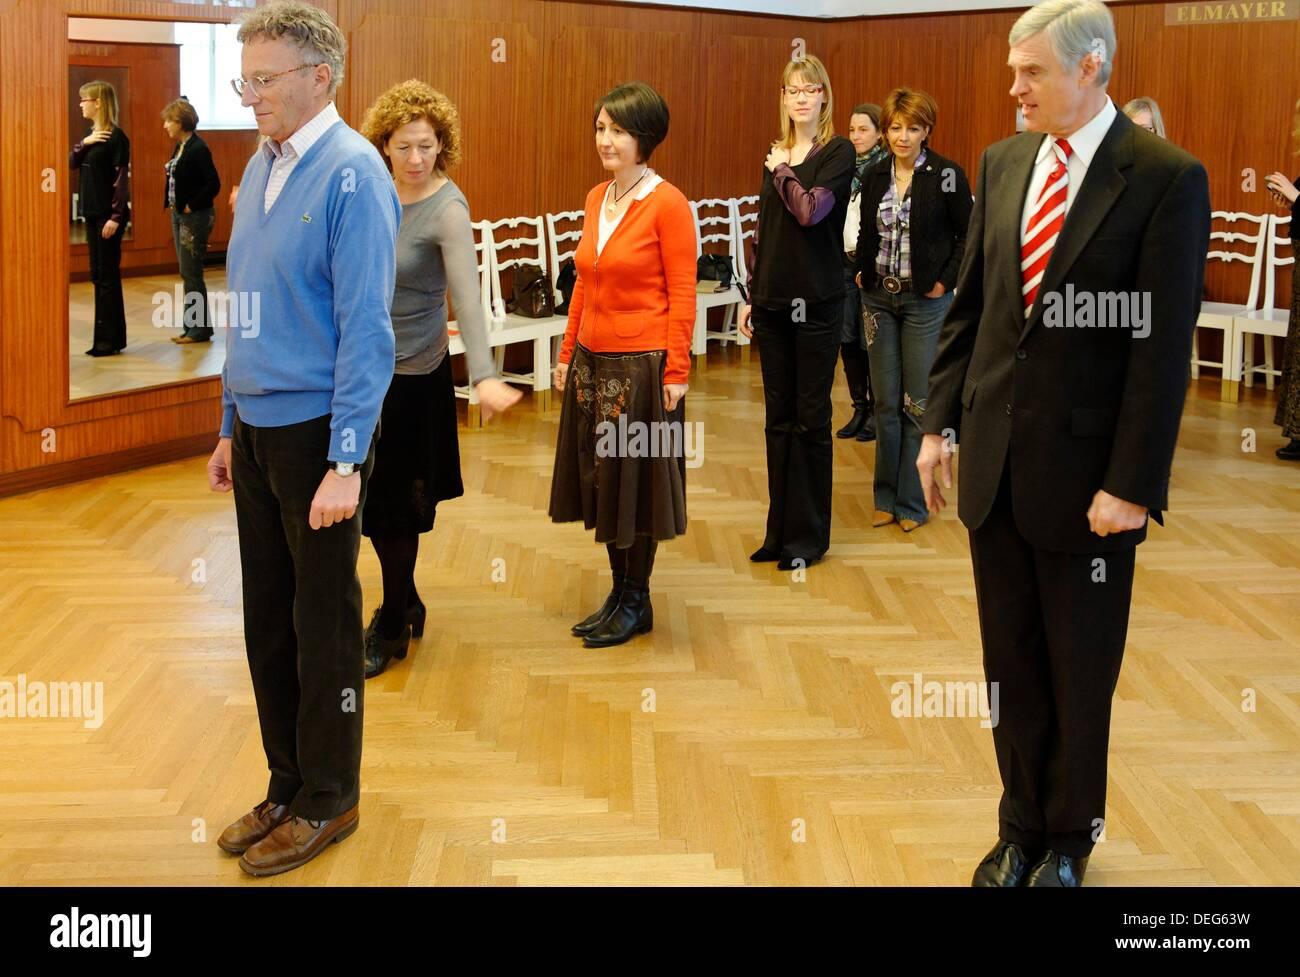 Thomas Schäfer-Elmayer dancing teacher and director of the Dancing ...